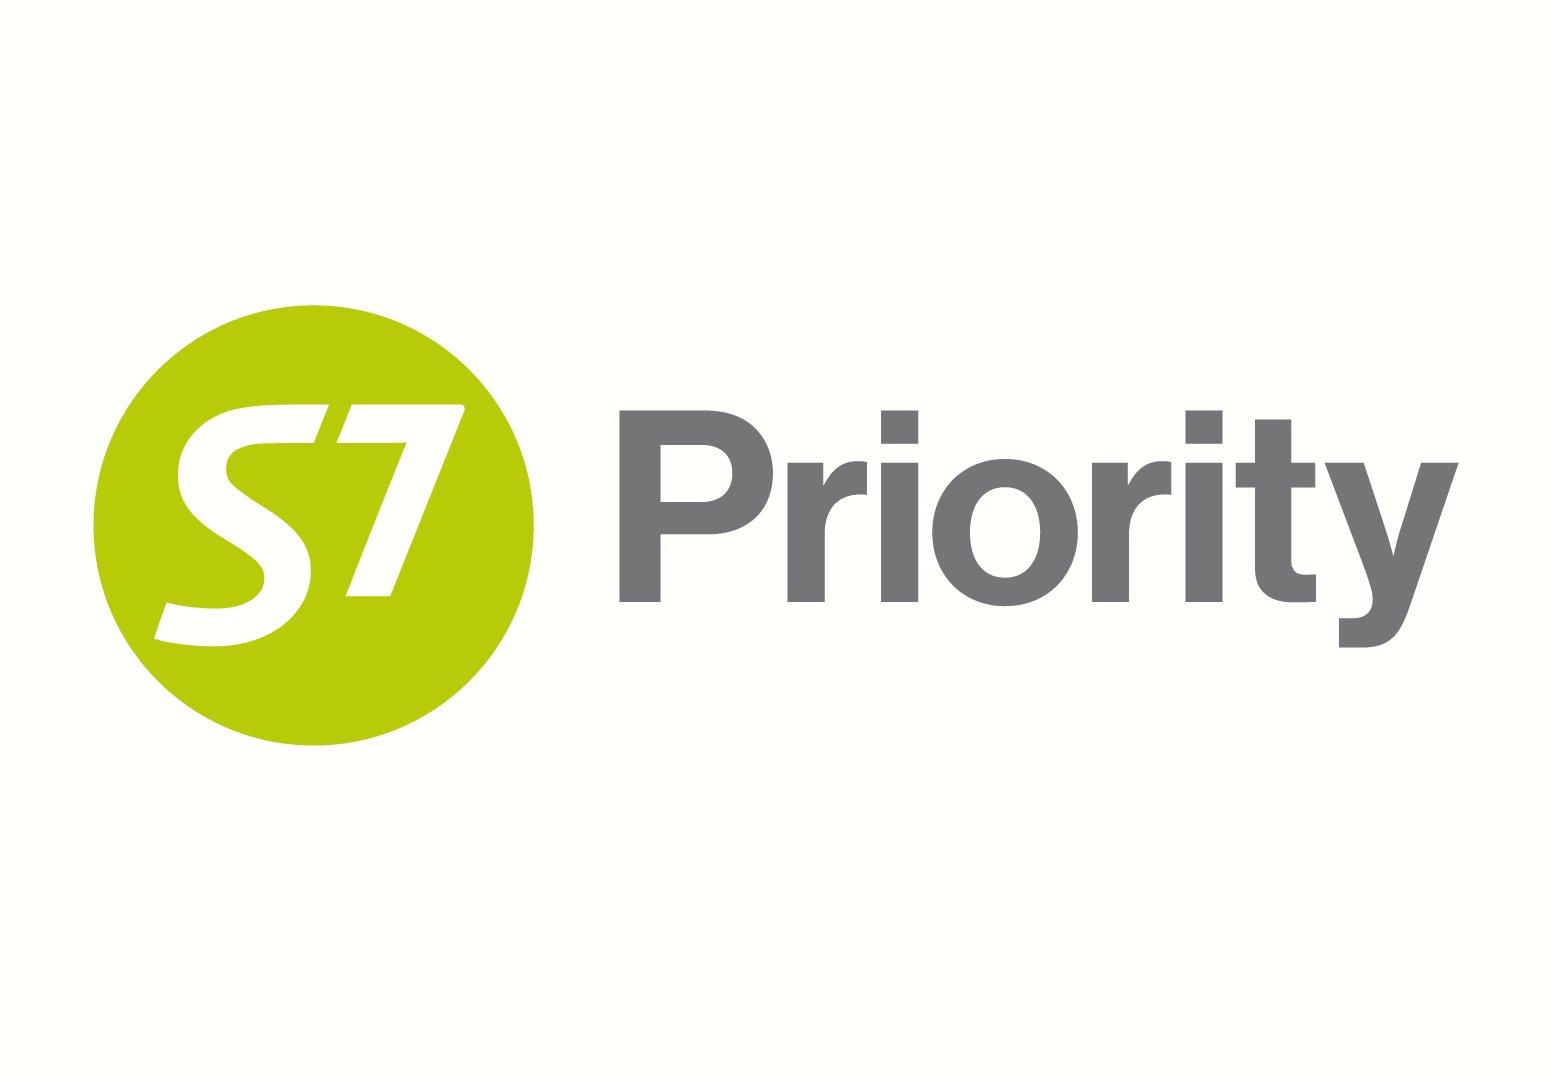 1,5 миллиона участников в программе S7 Priority